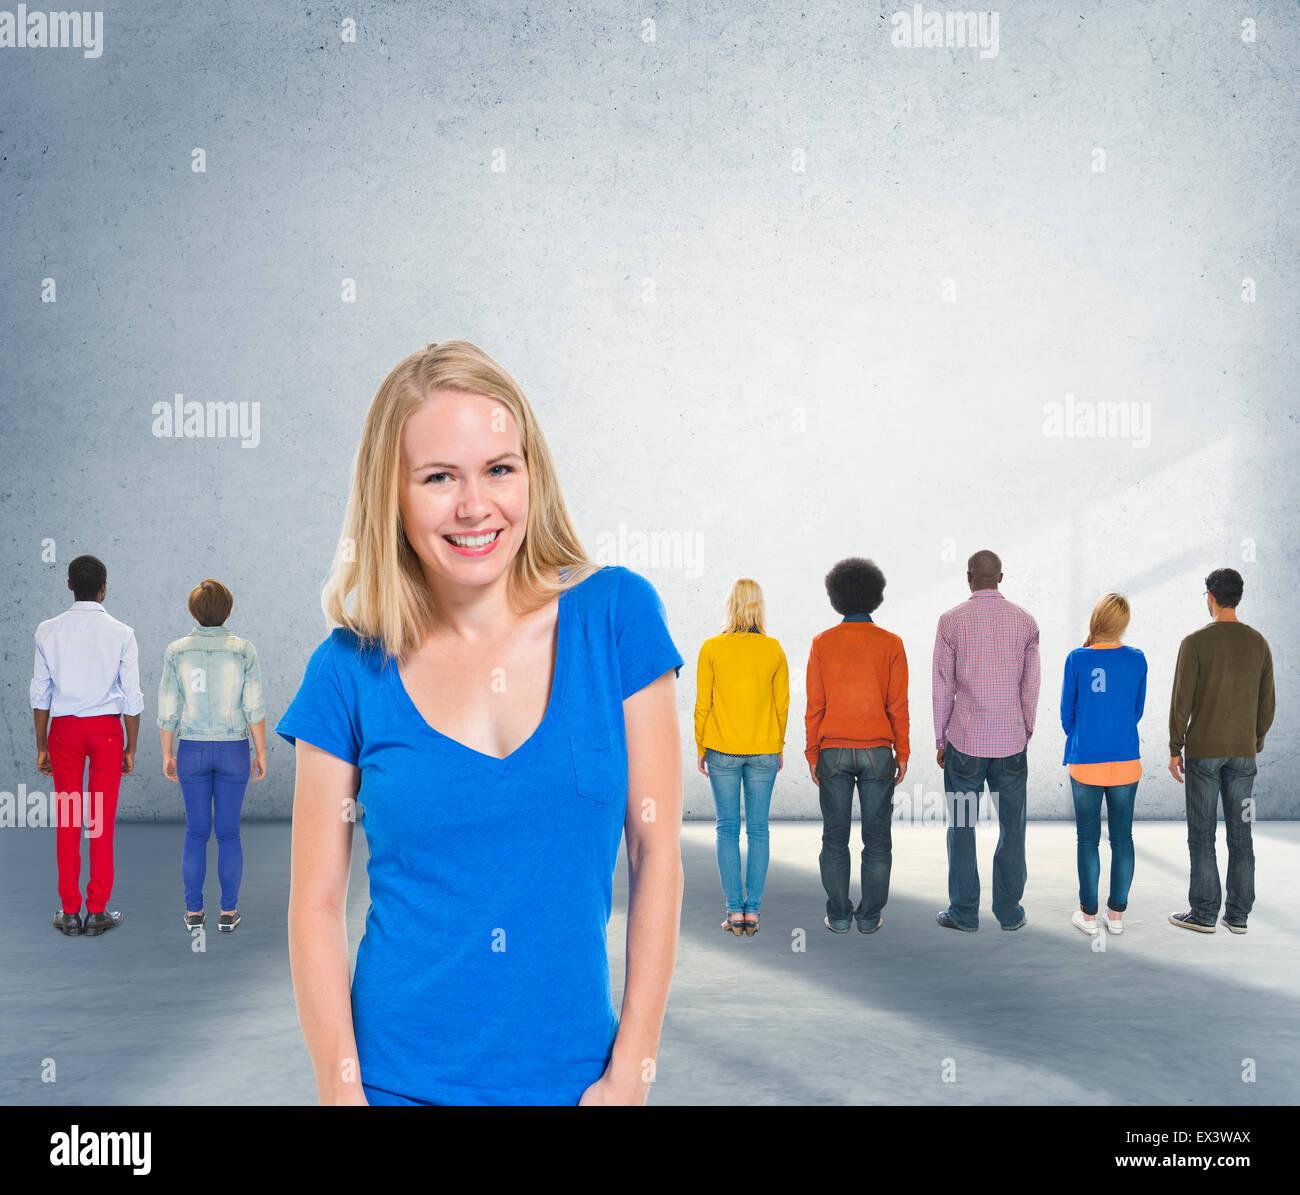 Liderazgo Coaching Team Trainer concepto de diversidad Imagen De Stock